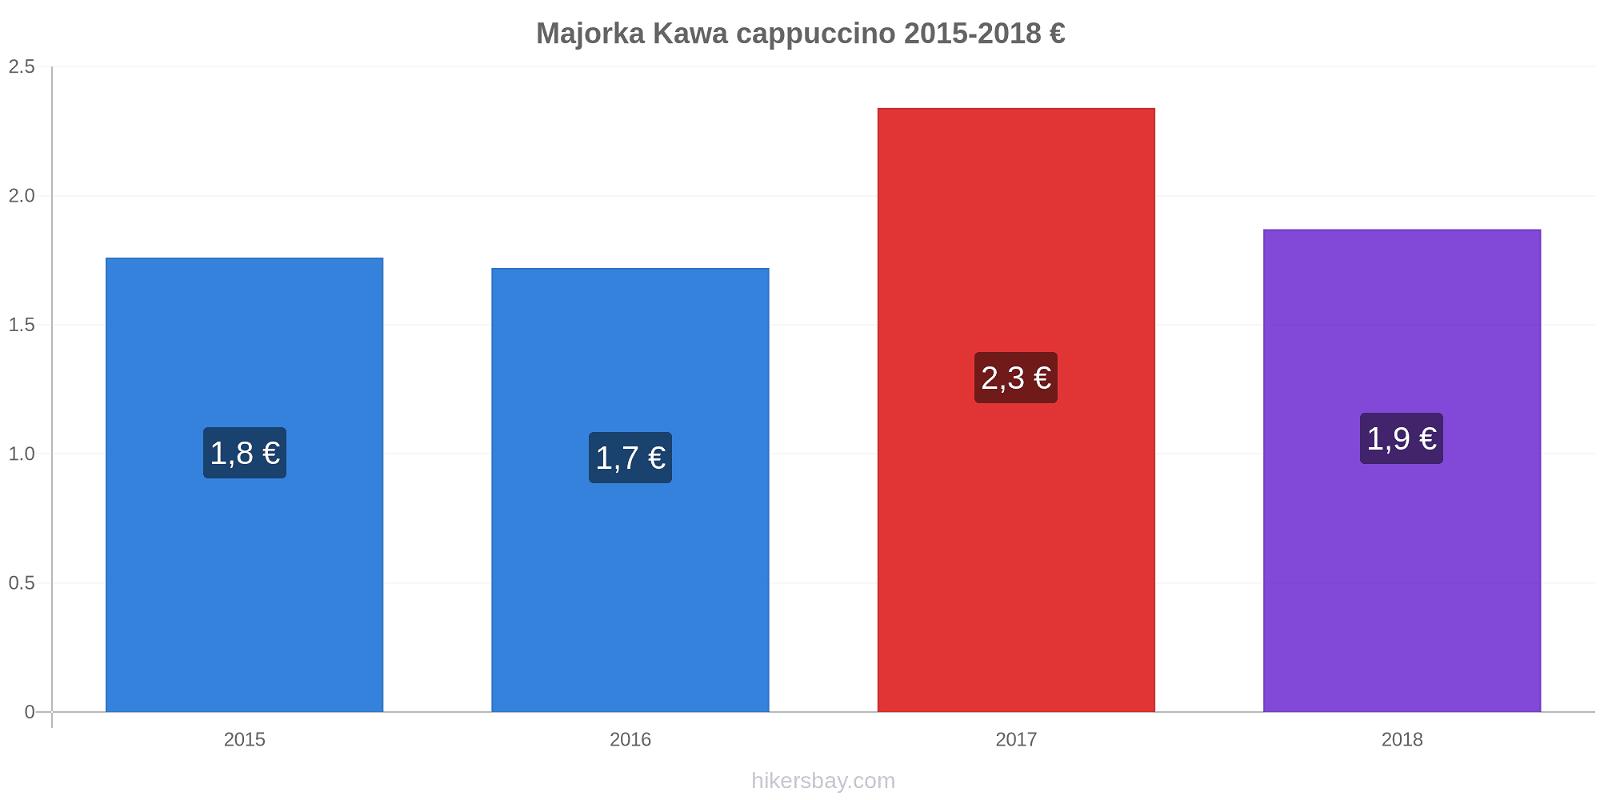 Majorka zmiany cen Kawa cappuccino hikersbay.com